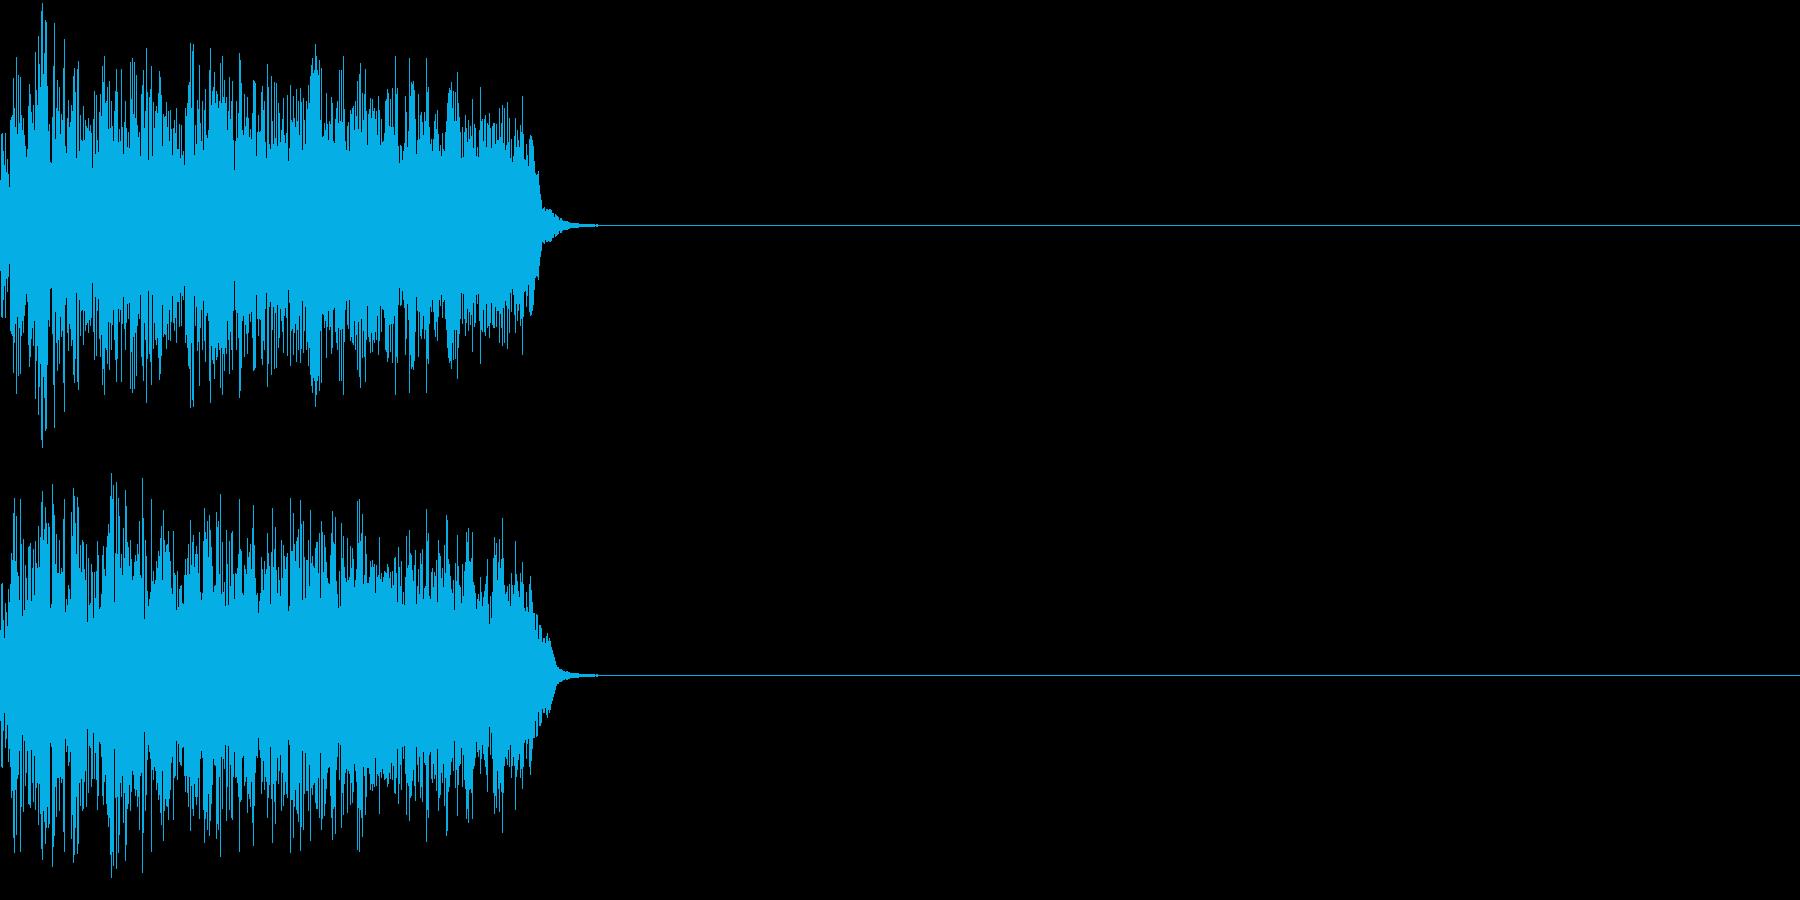 8ビット ファミコン アップ ゲージ2の再生済みの波形